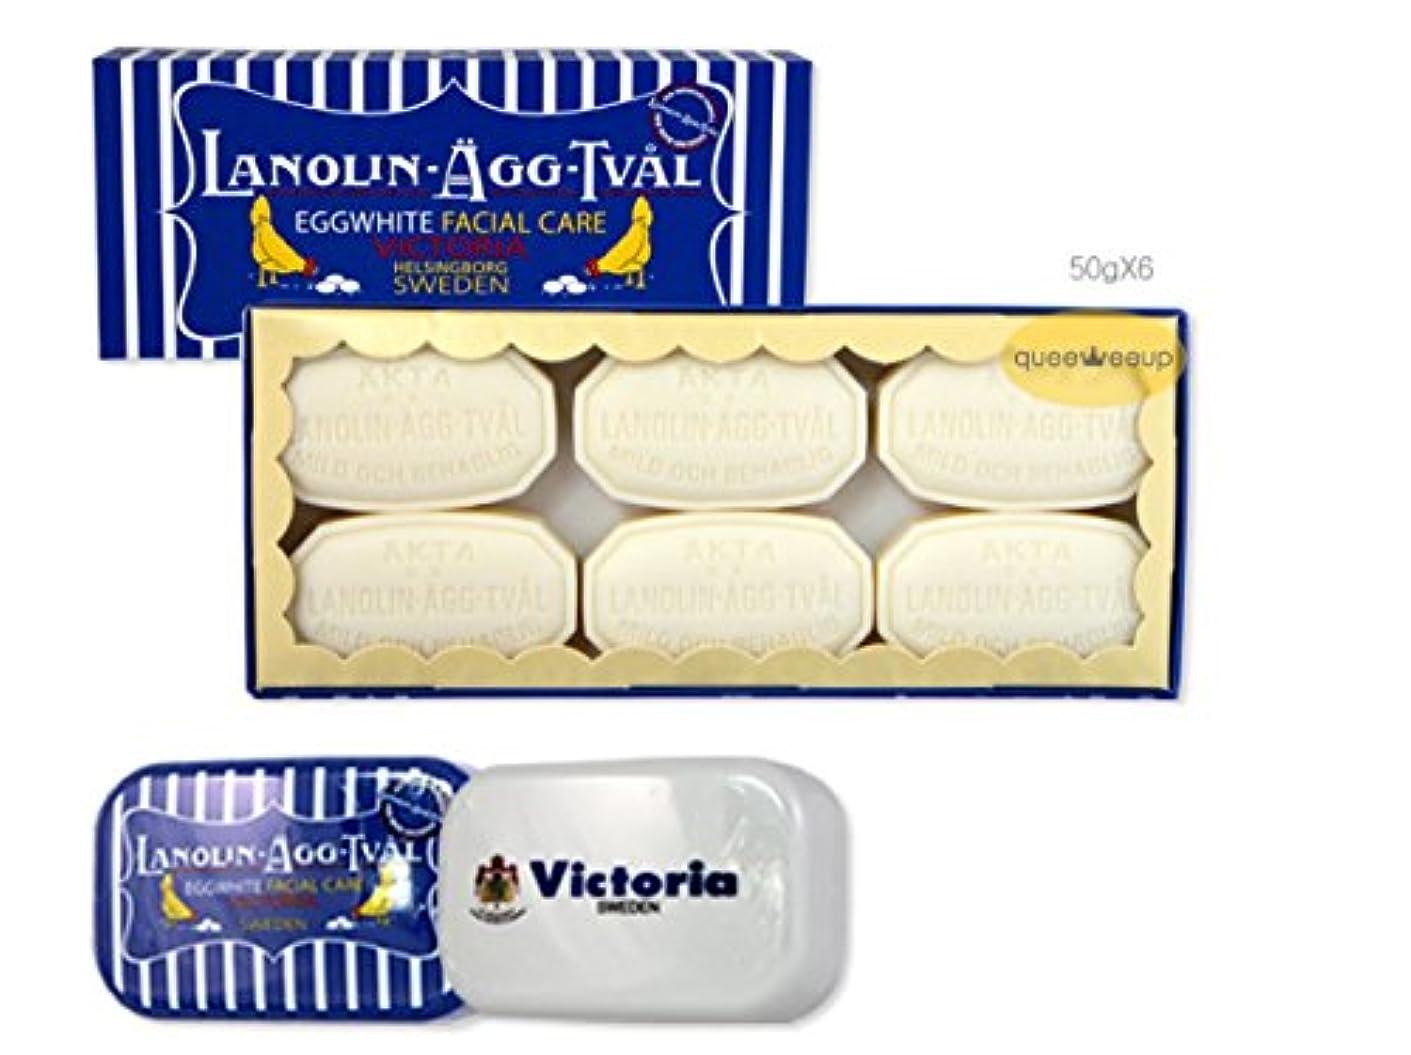 周術期ワット即席Victoria (ヴィクトリア) ニュースウェーデンエッグパックソープ 50g×6個 + ケース NEW Sweden Egg Pack